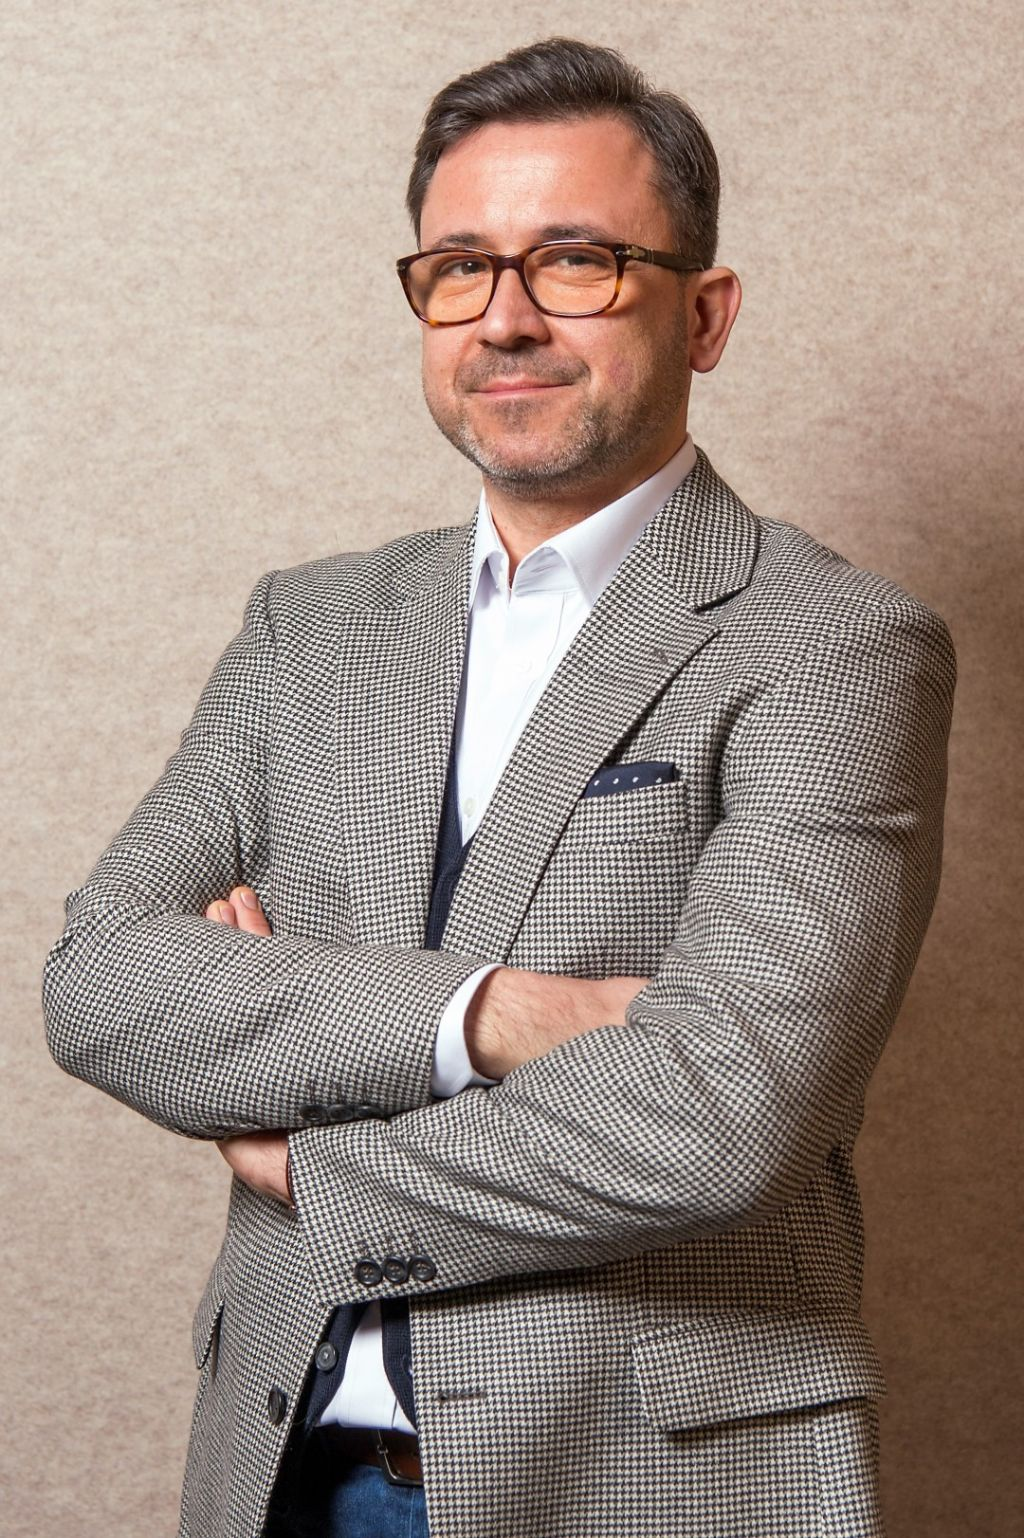 Bart Kosinski, Trespa